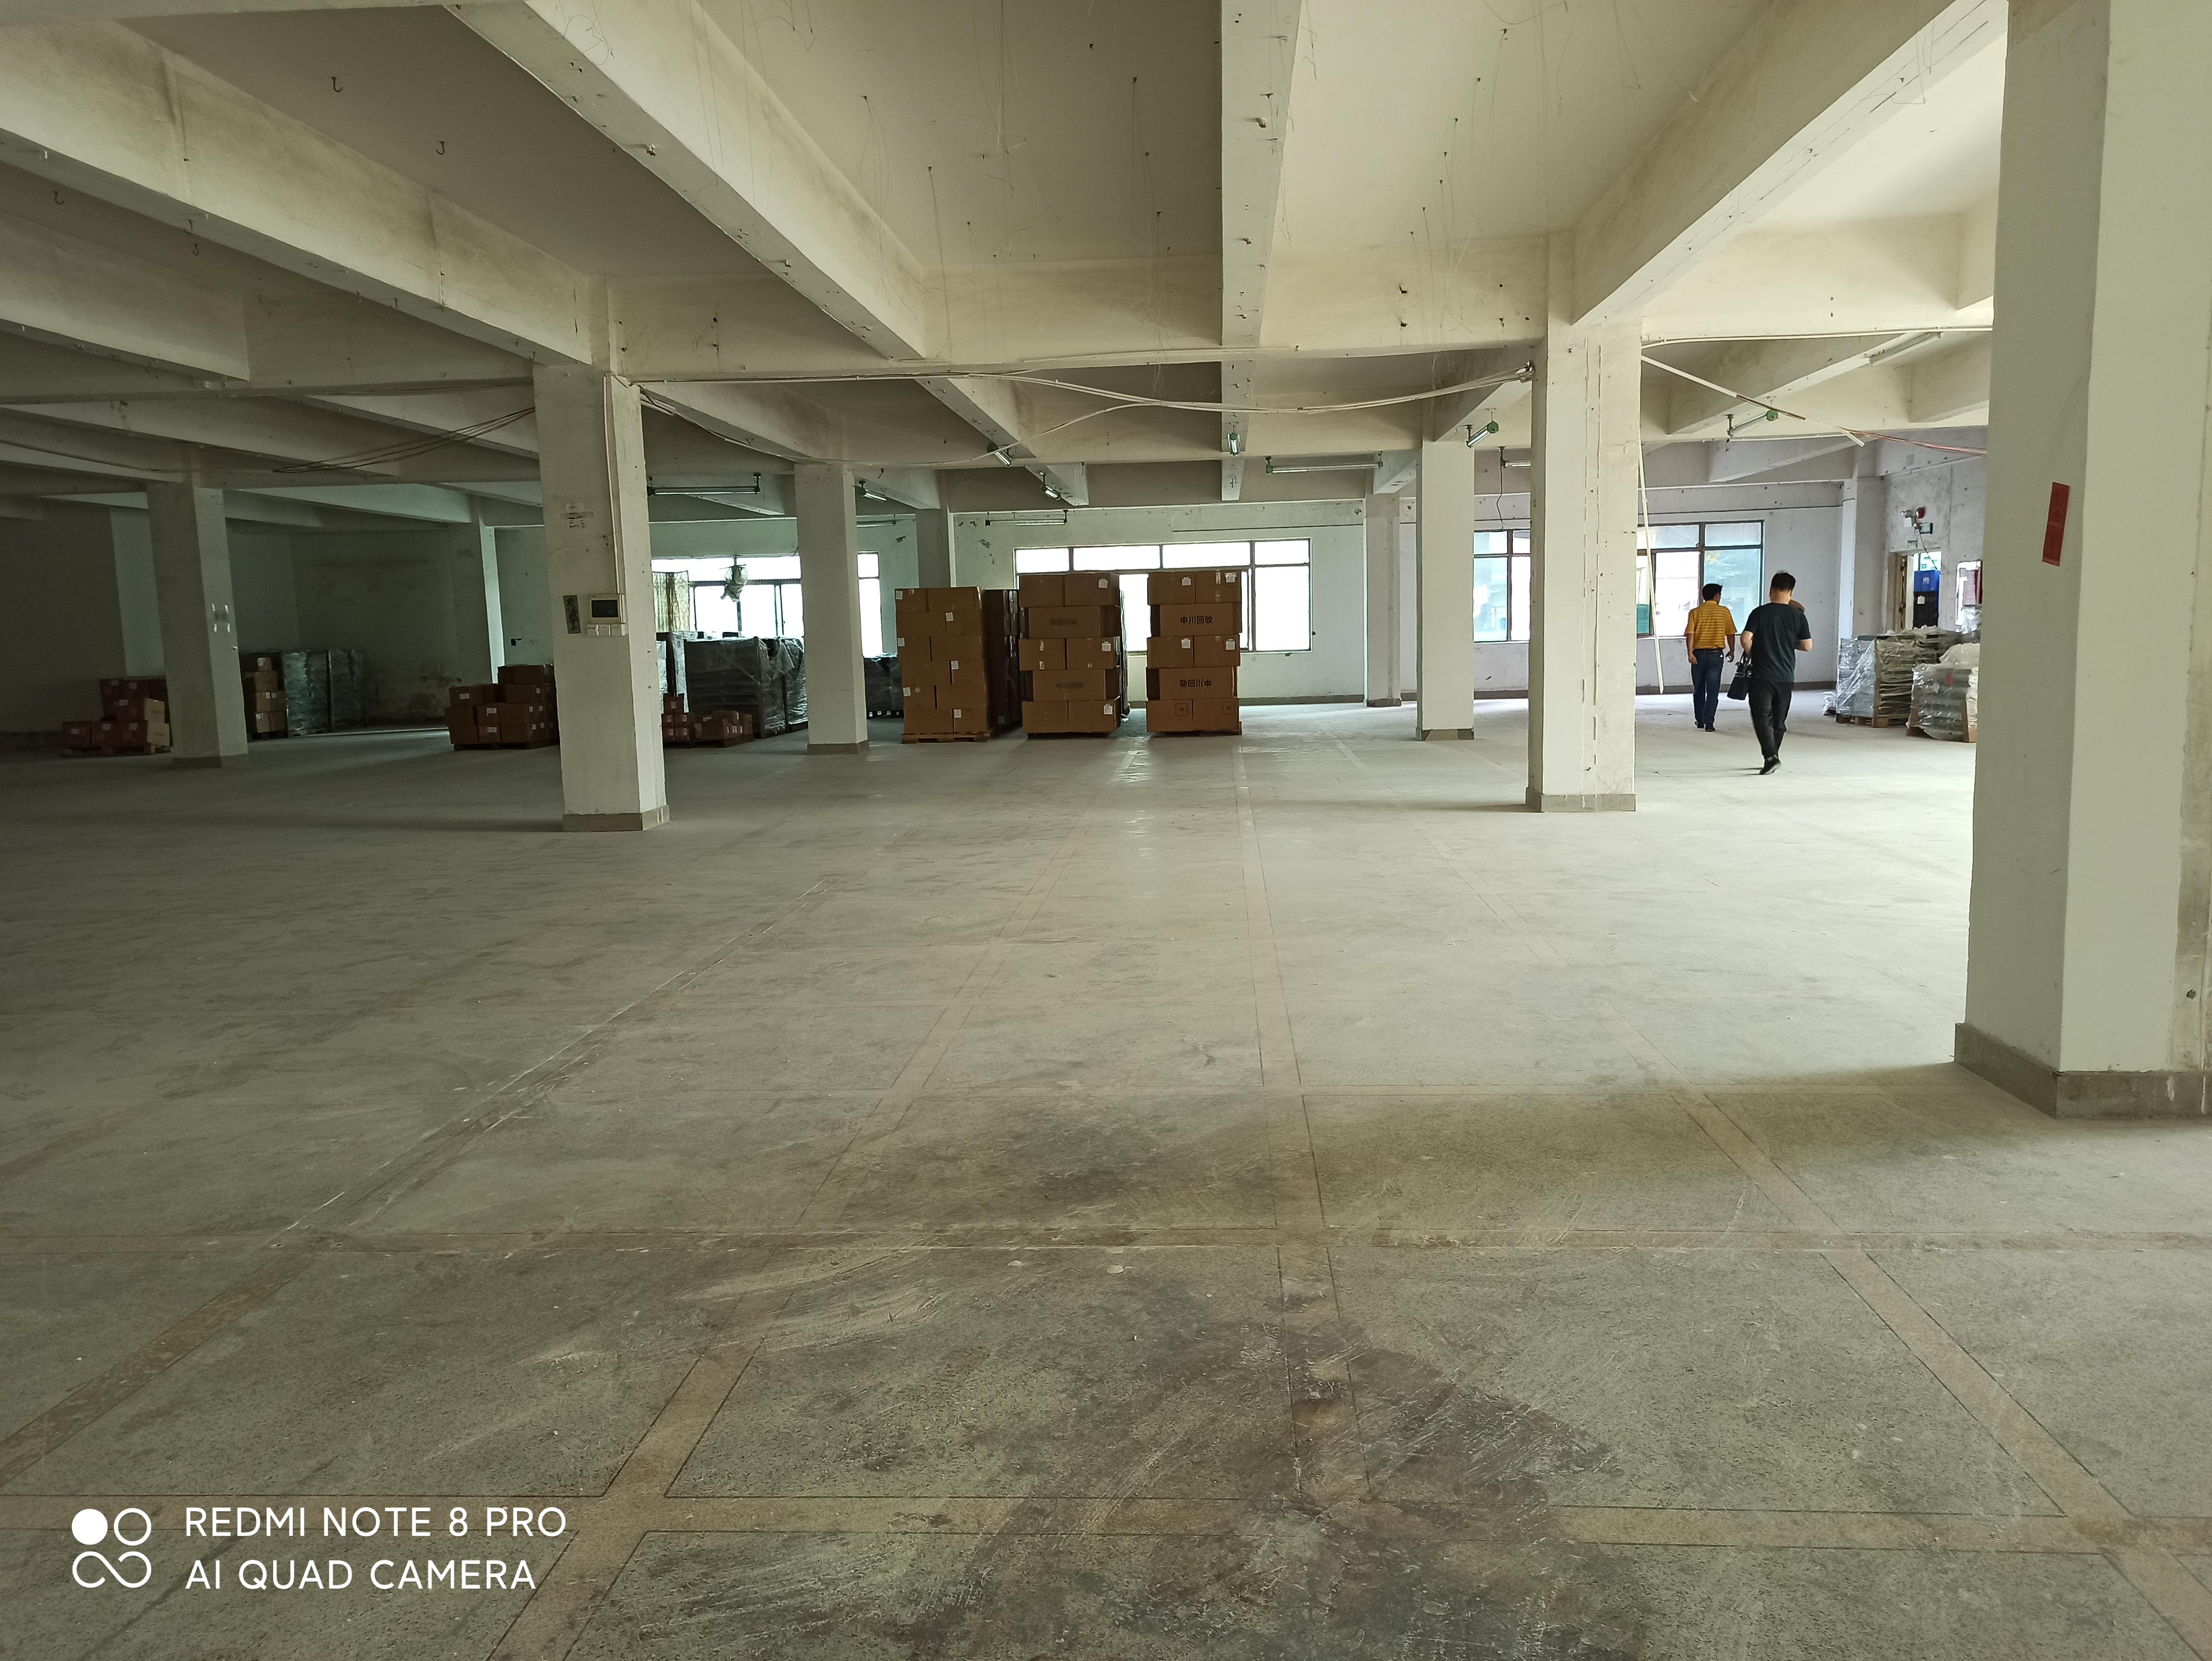 出租龙岗区横岗荷坳电商仓库楼上1100平方园区干净漂亮